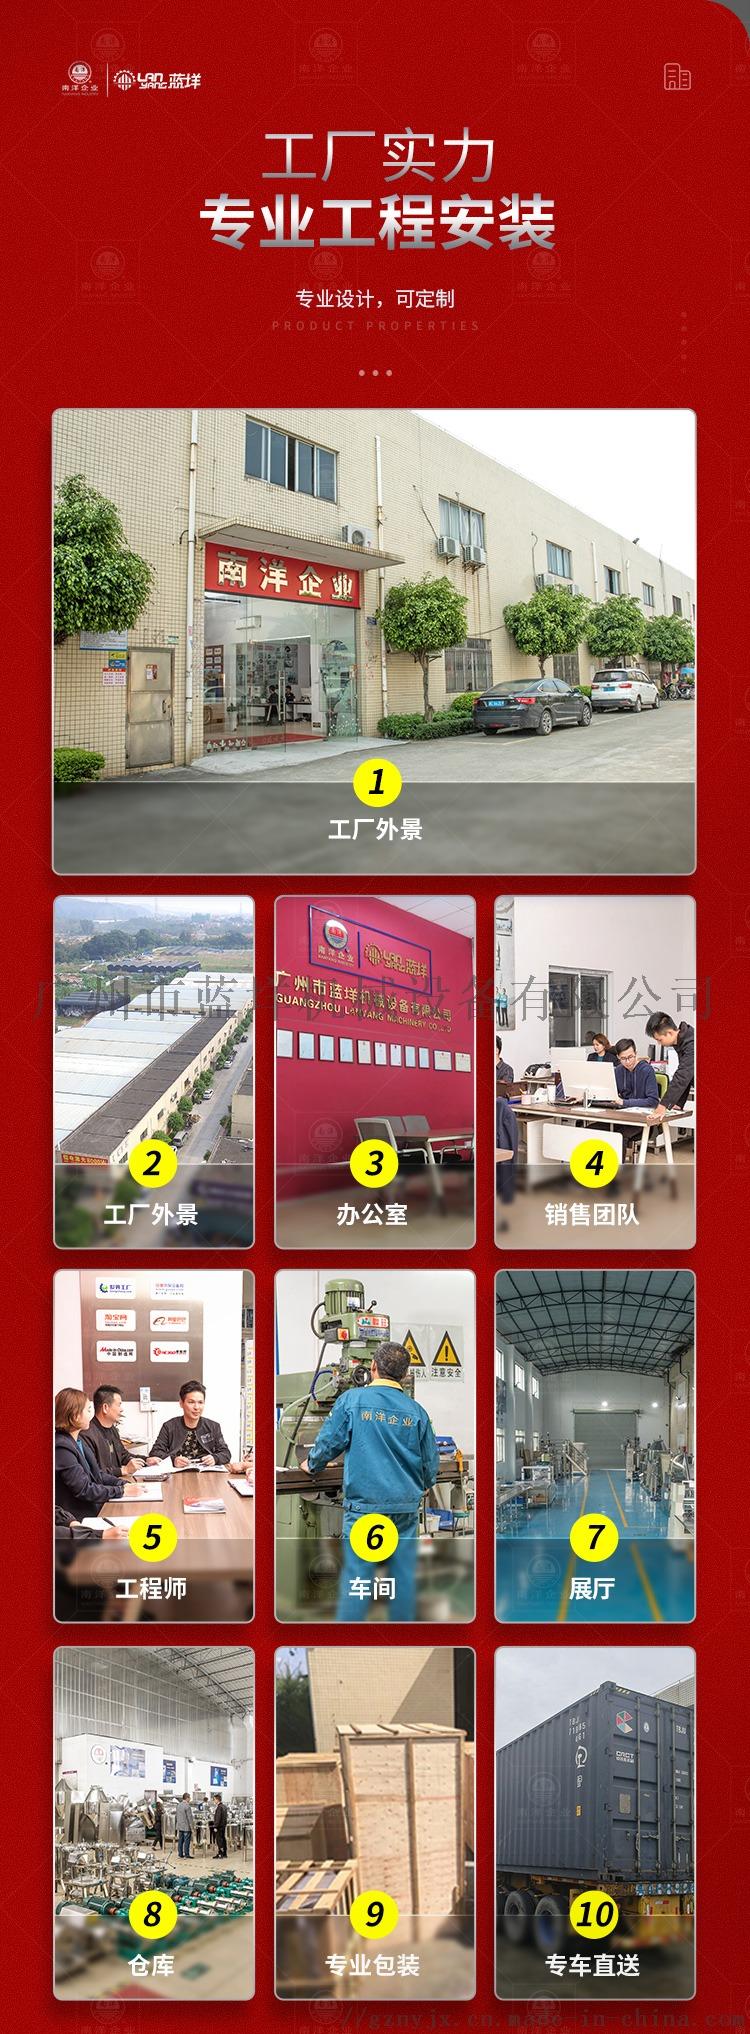 南洋实力工厂 (1).jpg